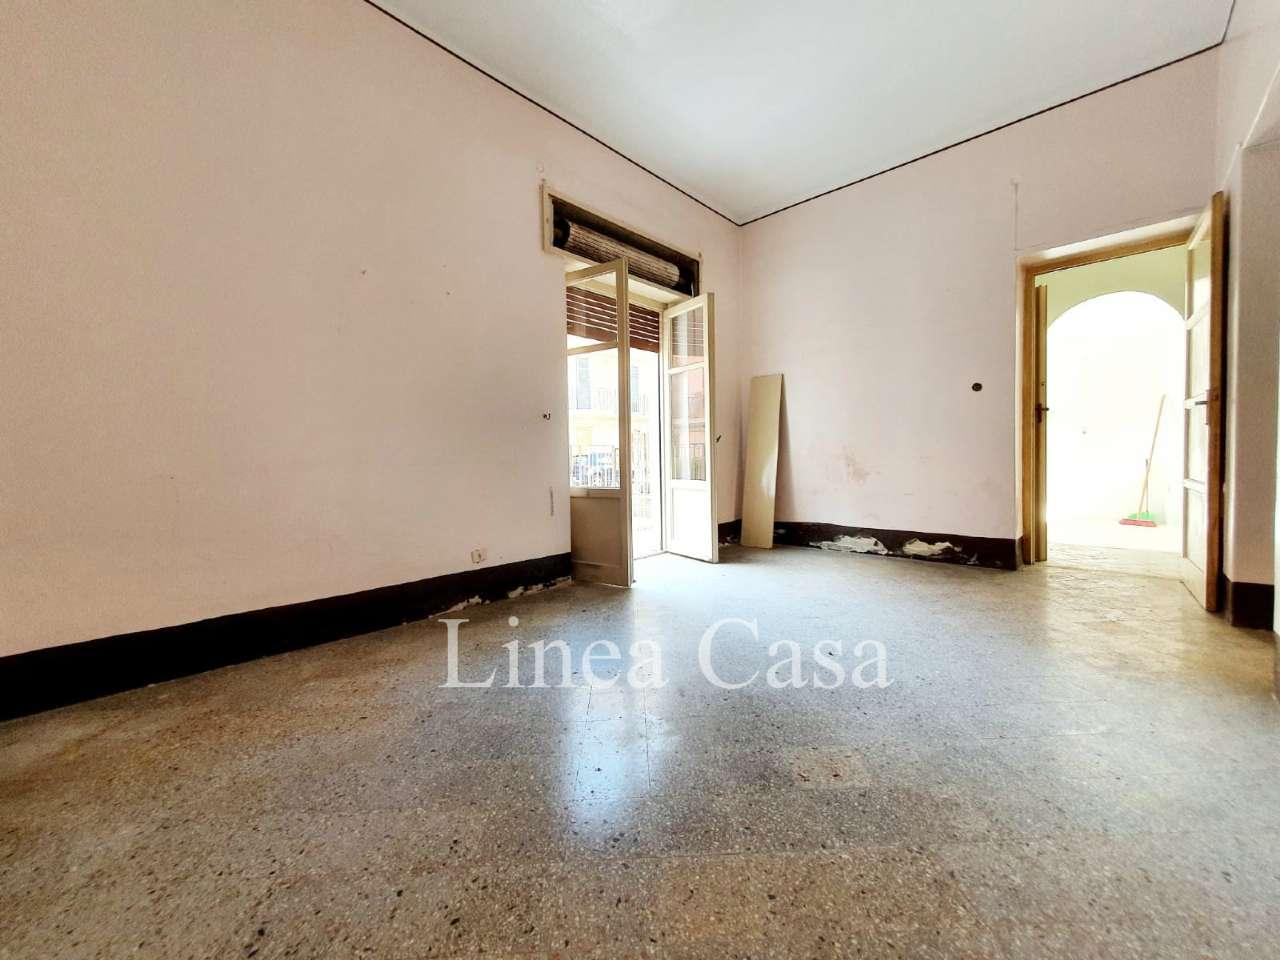 Appartamento in vendita a Altavilla Milicia, 3 locali, prezzo € 55.000 | PortaleAgenzieImmobiliari.it